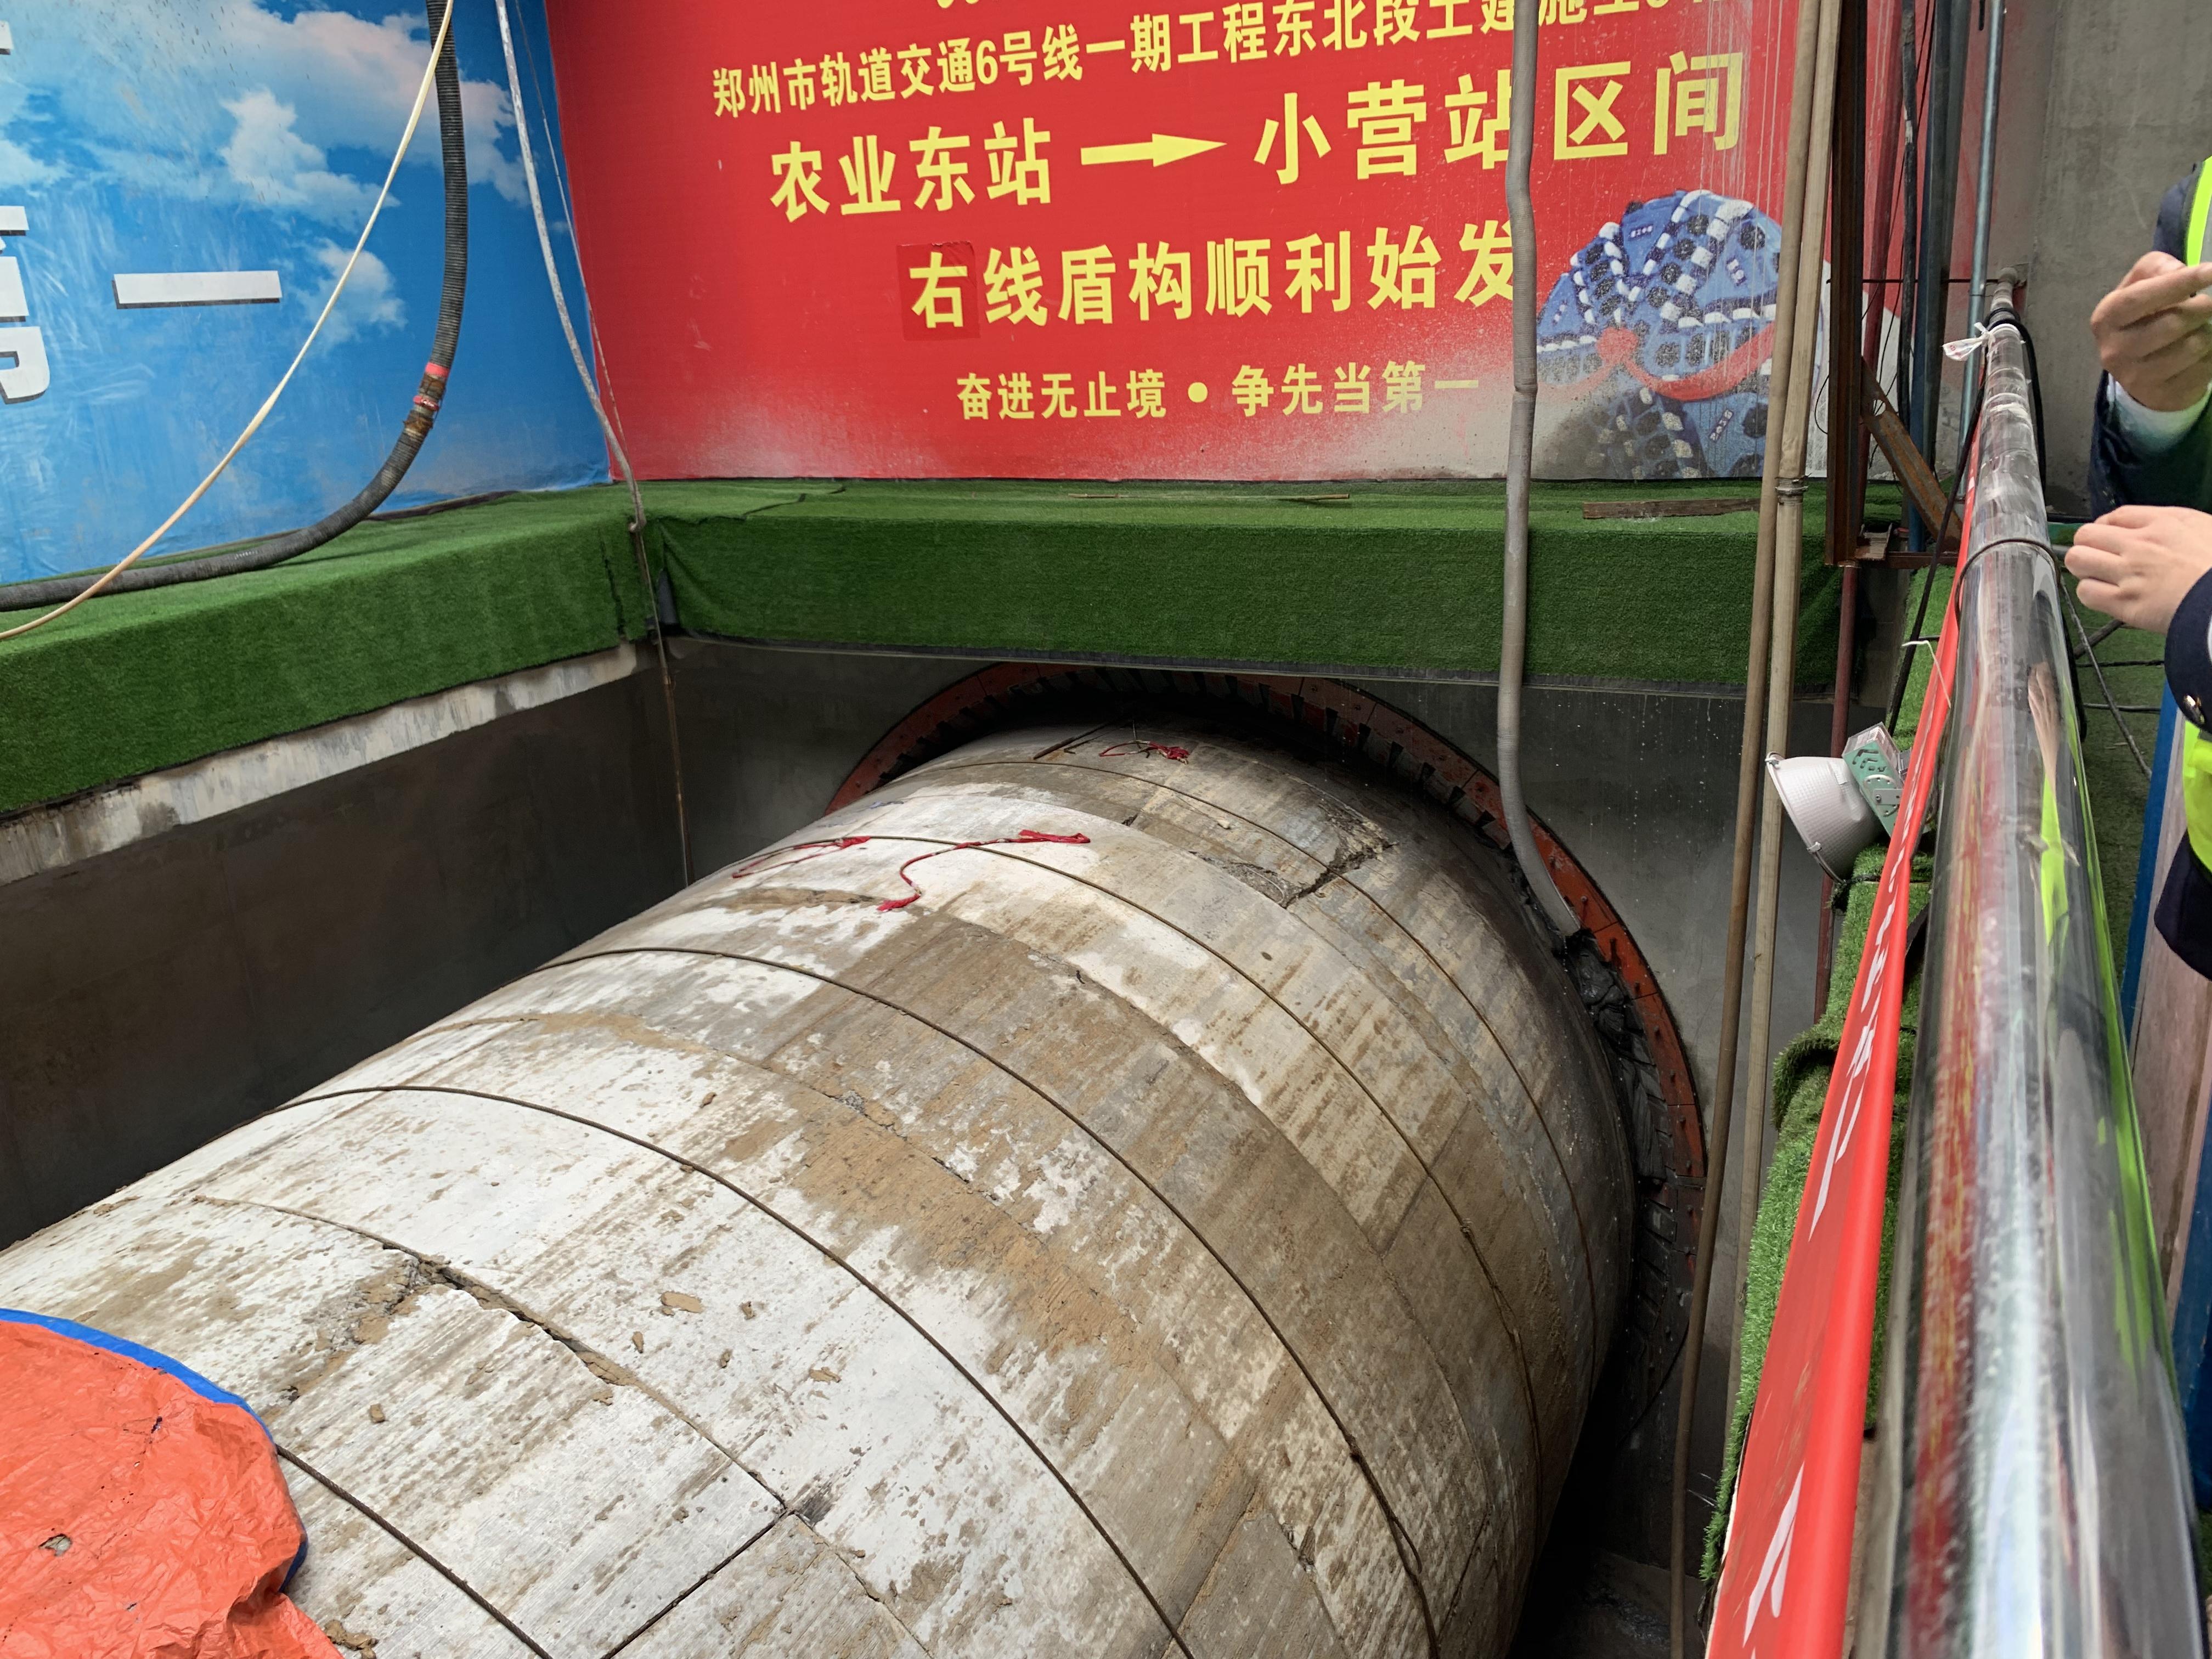 喜讯!郑州地铁6号线要来啦 有望年底开通载客运营